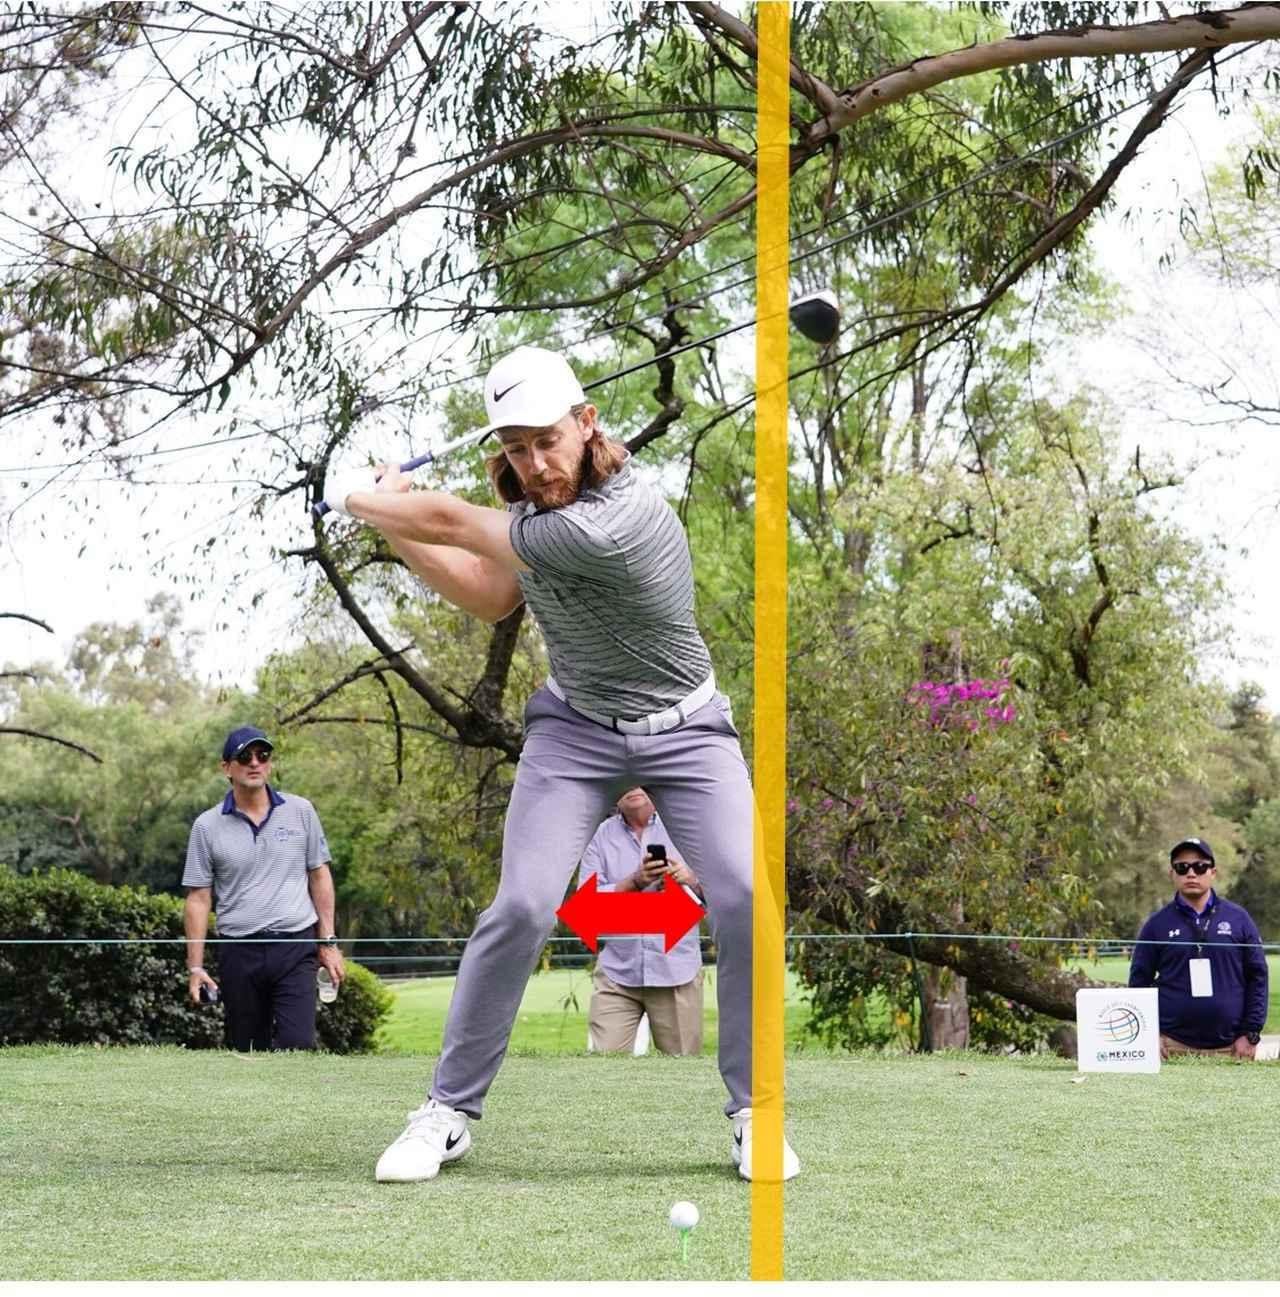 画像: 両ひざの間隔を広げるように、左ひざだけを元に戻す